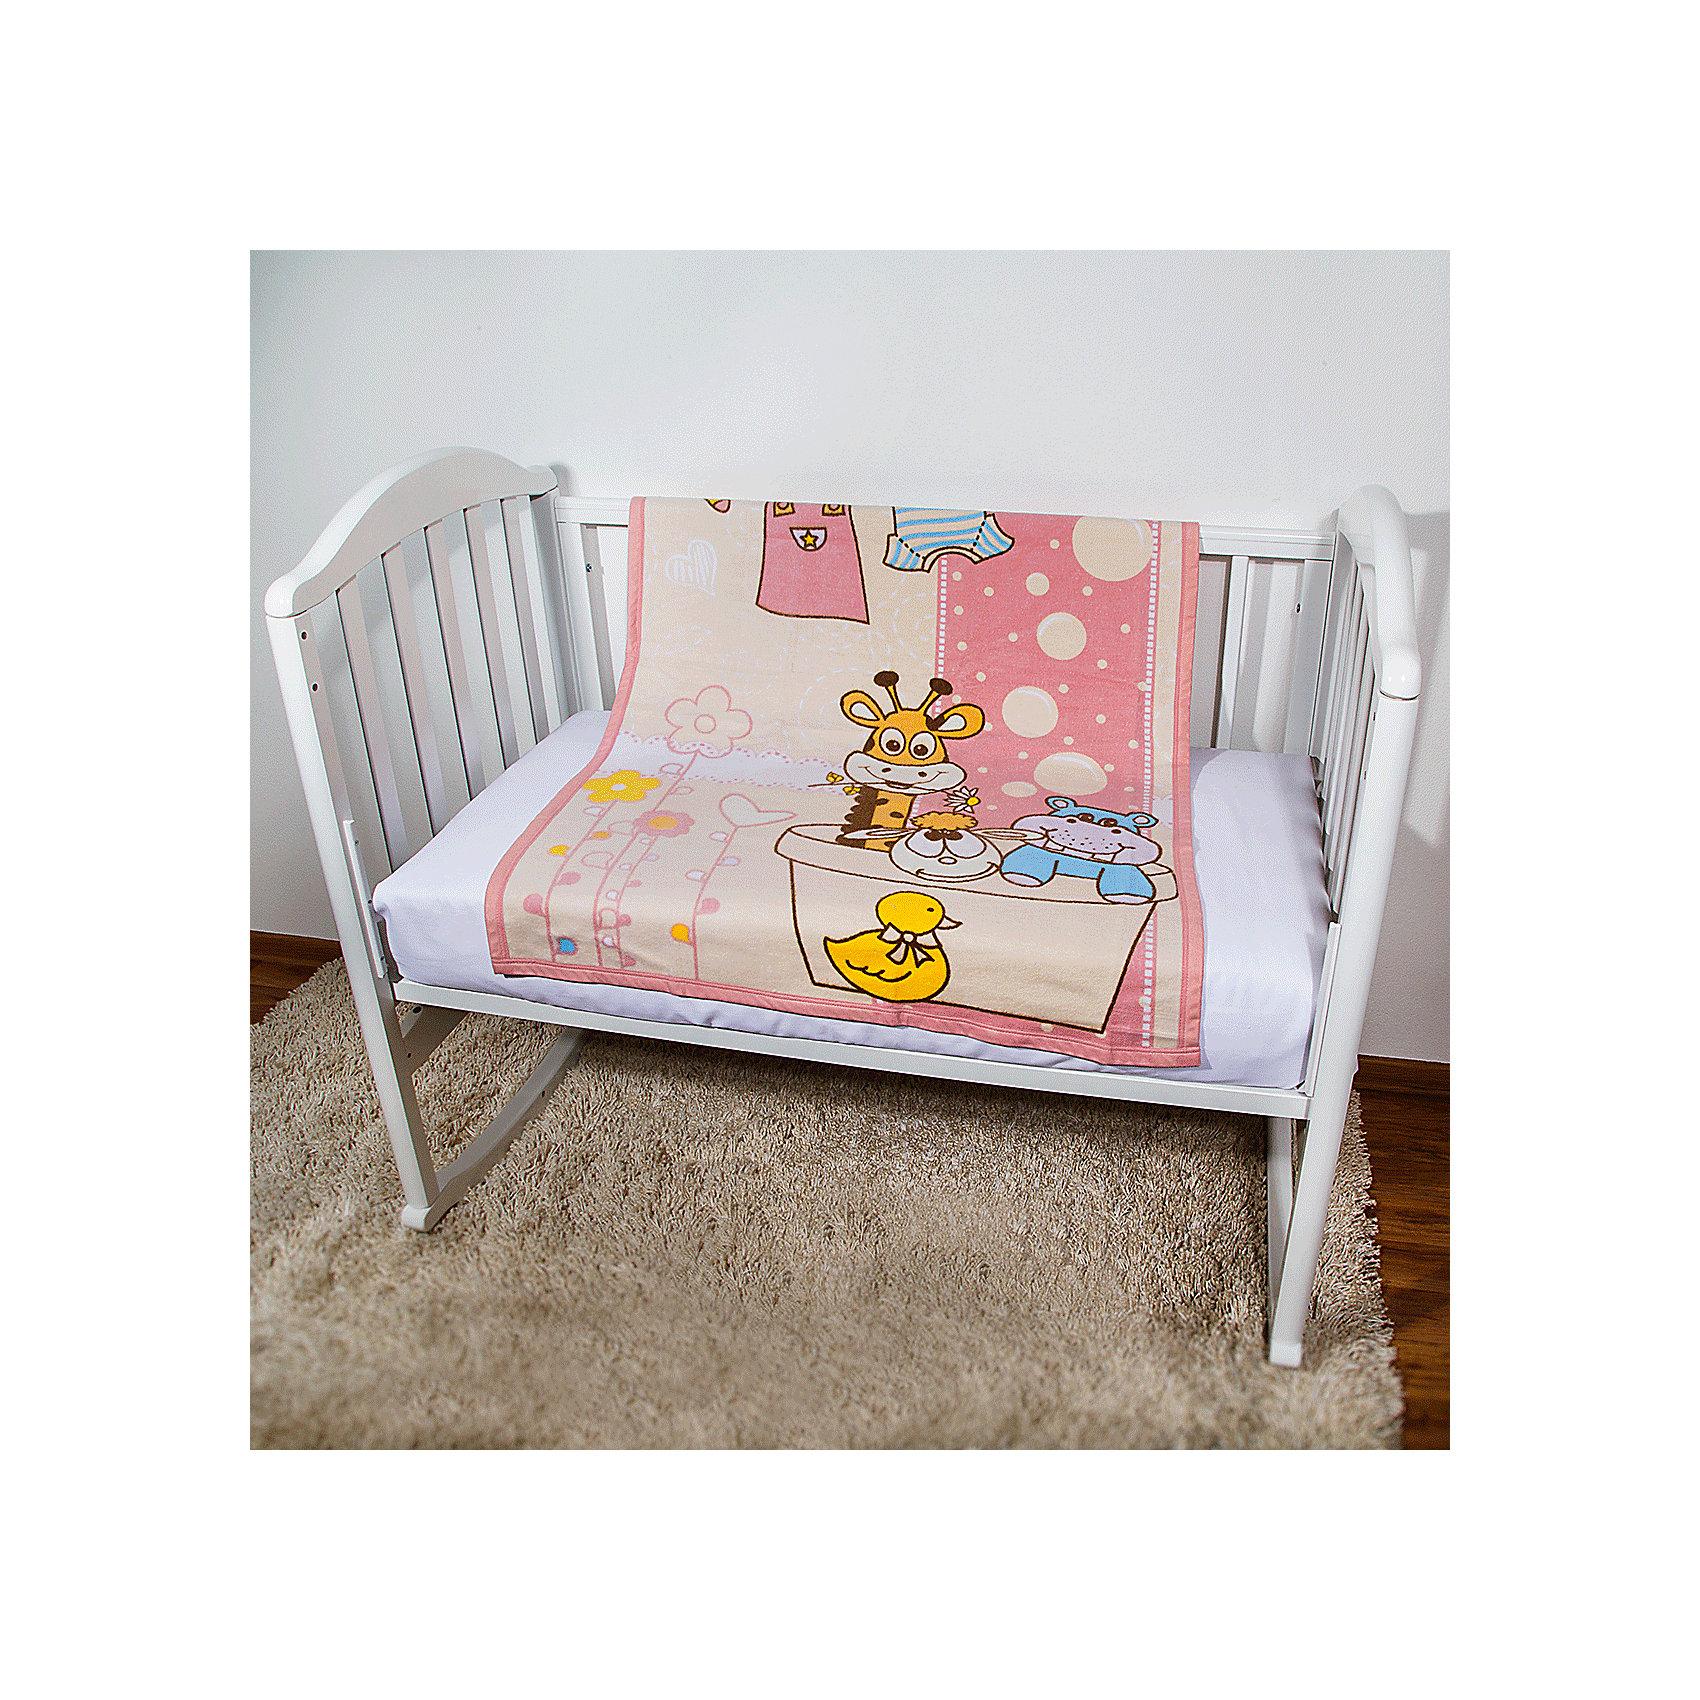 Одеяло байковое Купание, 85х115 2-сторон., Baby Nice, розовыйПостельные принадлежности для детей должны быть качественными и безопасными. Это одеяло разработано специально для малышей, оно обеспечивает комфорт на всю ночь. Одеяло украшено симпатичным принтом.<br>Одеяло сшито из натурального дышащего хлопка, приятного на ощупь. Он не вызывает аллергии, что особенно важно для малышей. Оно обеспечит хорошую терморегуляцию, впитает лишнюю влагу, а значит - крепкий сон. Одеяло сделано из высококачественных материалов, безопасных для ребенка.<br><br>Дополнительная информация:<br><br>цвет: розовый;<br>материал: хлопок;<br>принт;<br>двустороннее;<br>размер: 85 х 115 см.<br><br>Одеяло байковое Купание, 85х115 2-сторон. от компании Baby Nice можно купить в нашем магазине.<br><br>Ширина мм: 230<br>Глубина мм: 250<br>Высота мм: 40<br>Вес г: 500<br>Возраст от месяцев: 0<br>Возраст до месяцев: 36<br>Пол: Унисекс<br>Возраст: Детский<br>SKU: 4941757